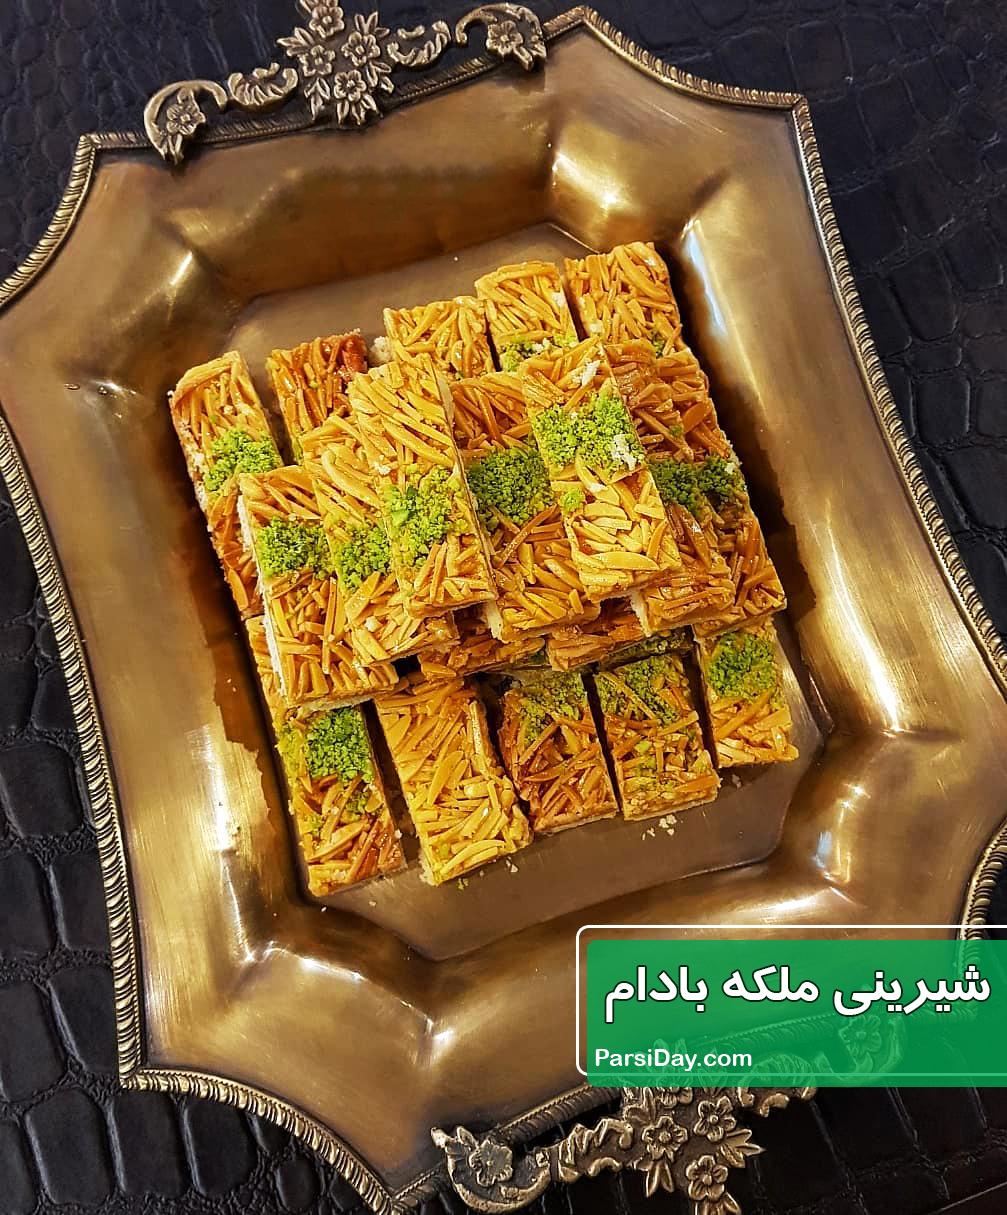 طرز تهیه شیرینی ملکه بادام خوشمزه و مجلسی ویژه عید نوروز